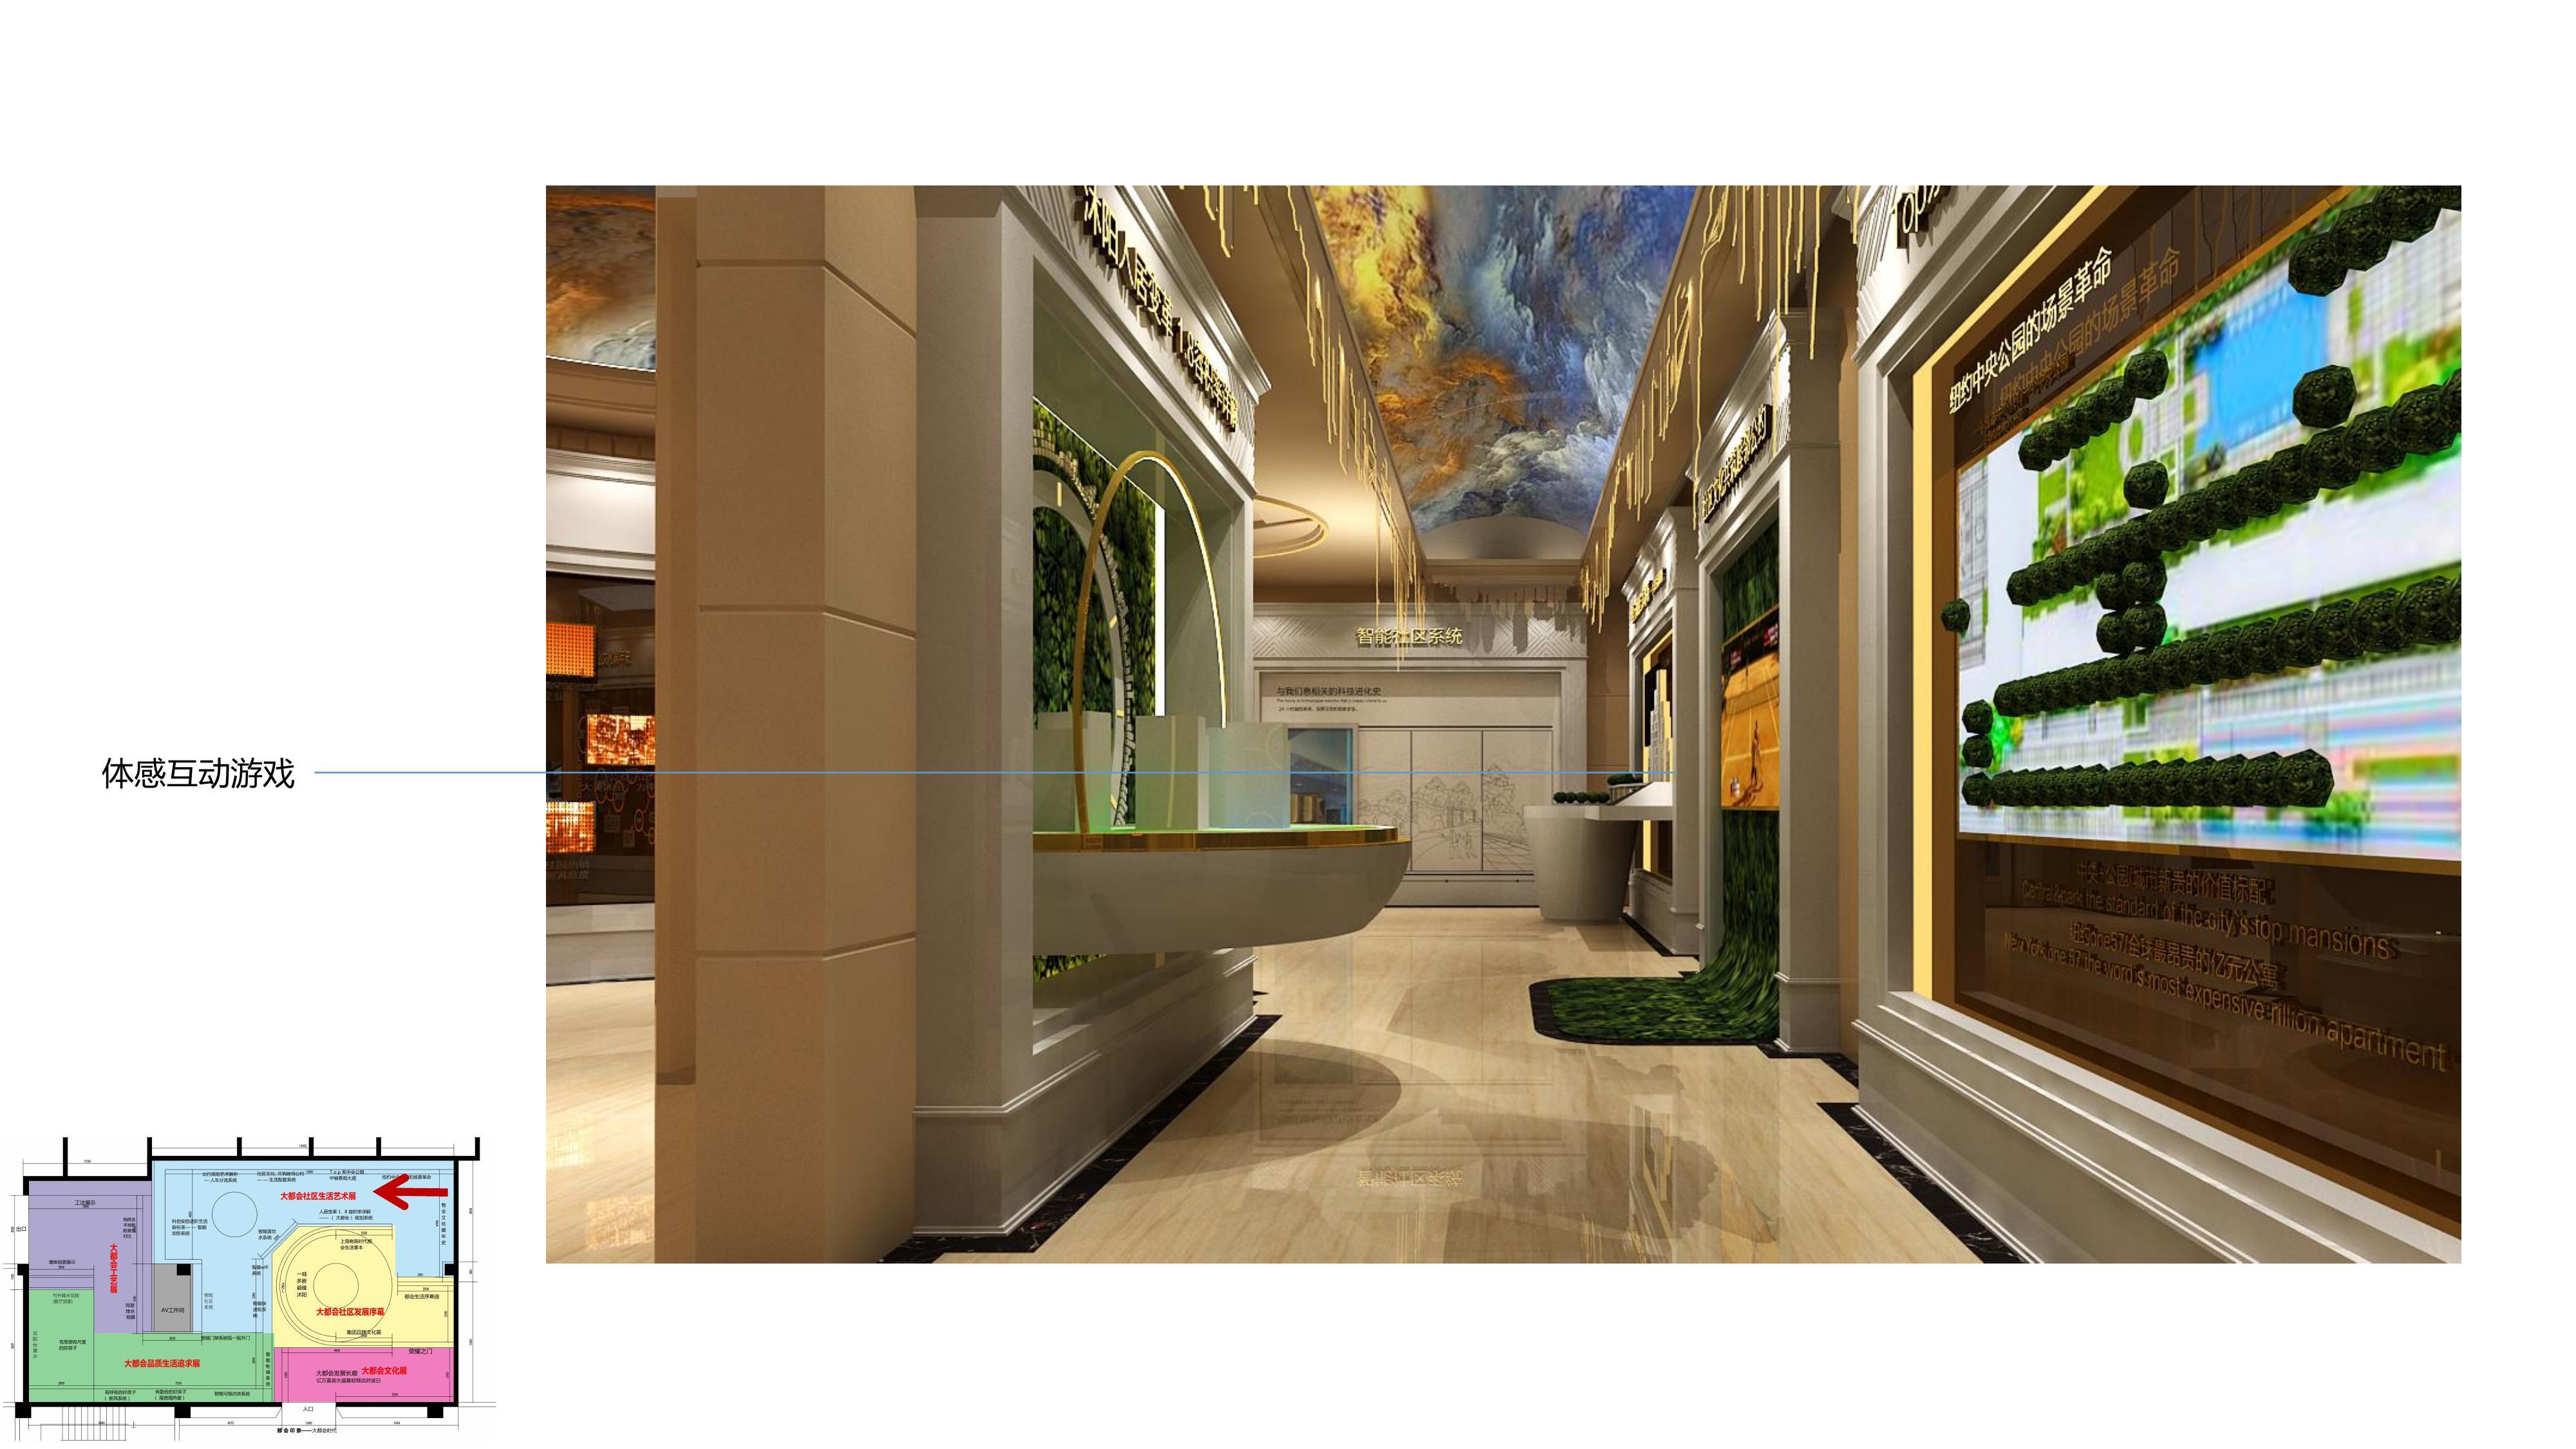 碧桂园新城体验馆设计方案13